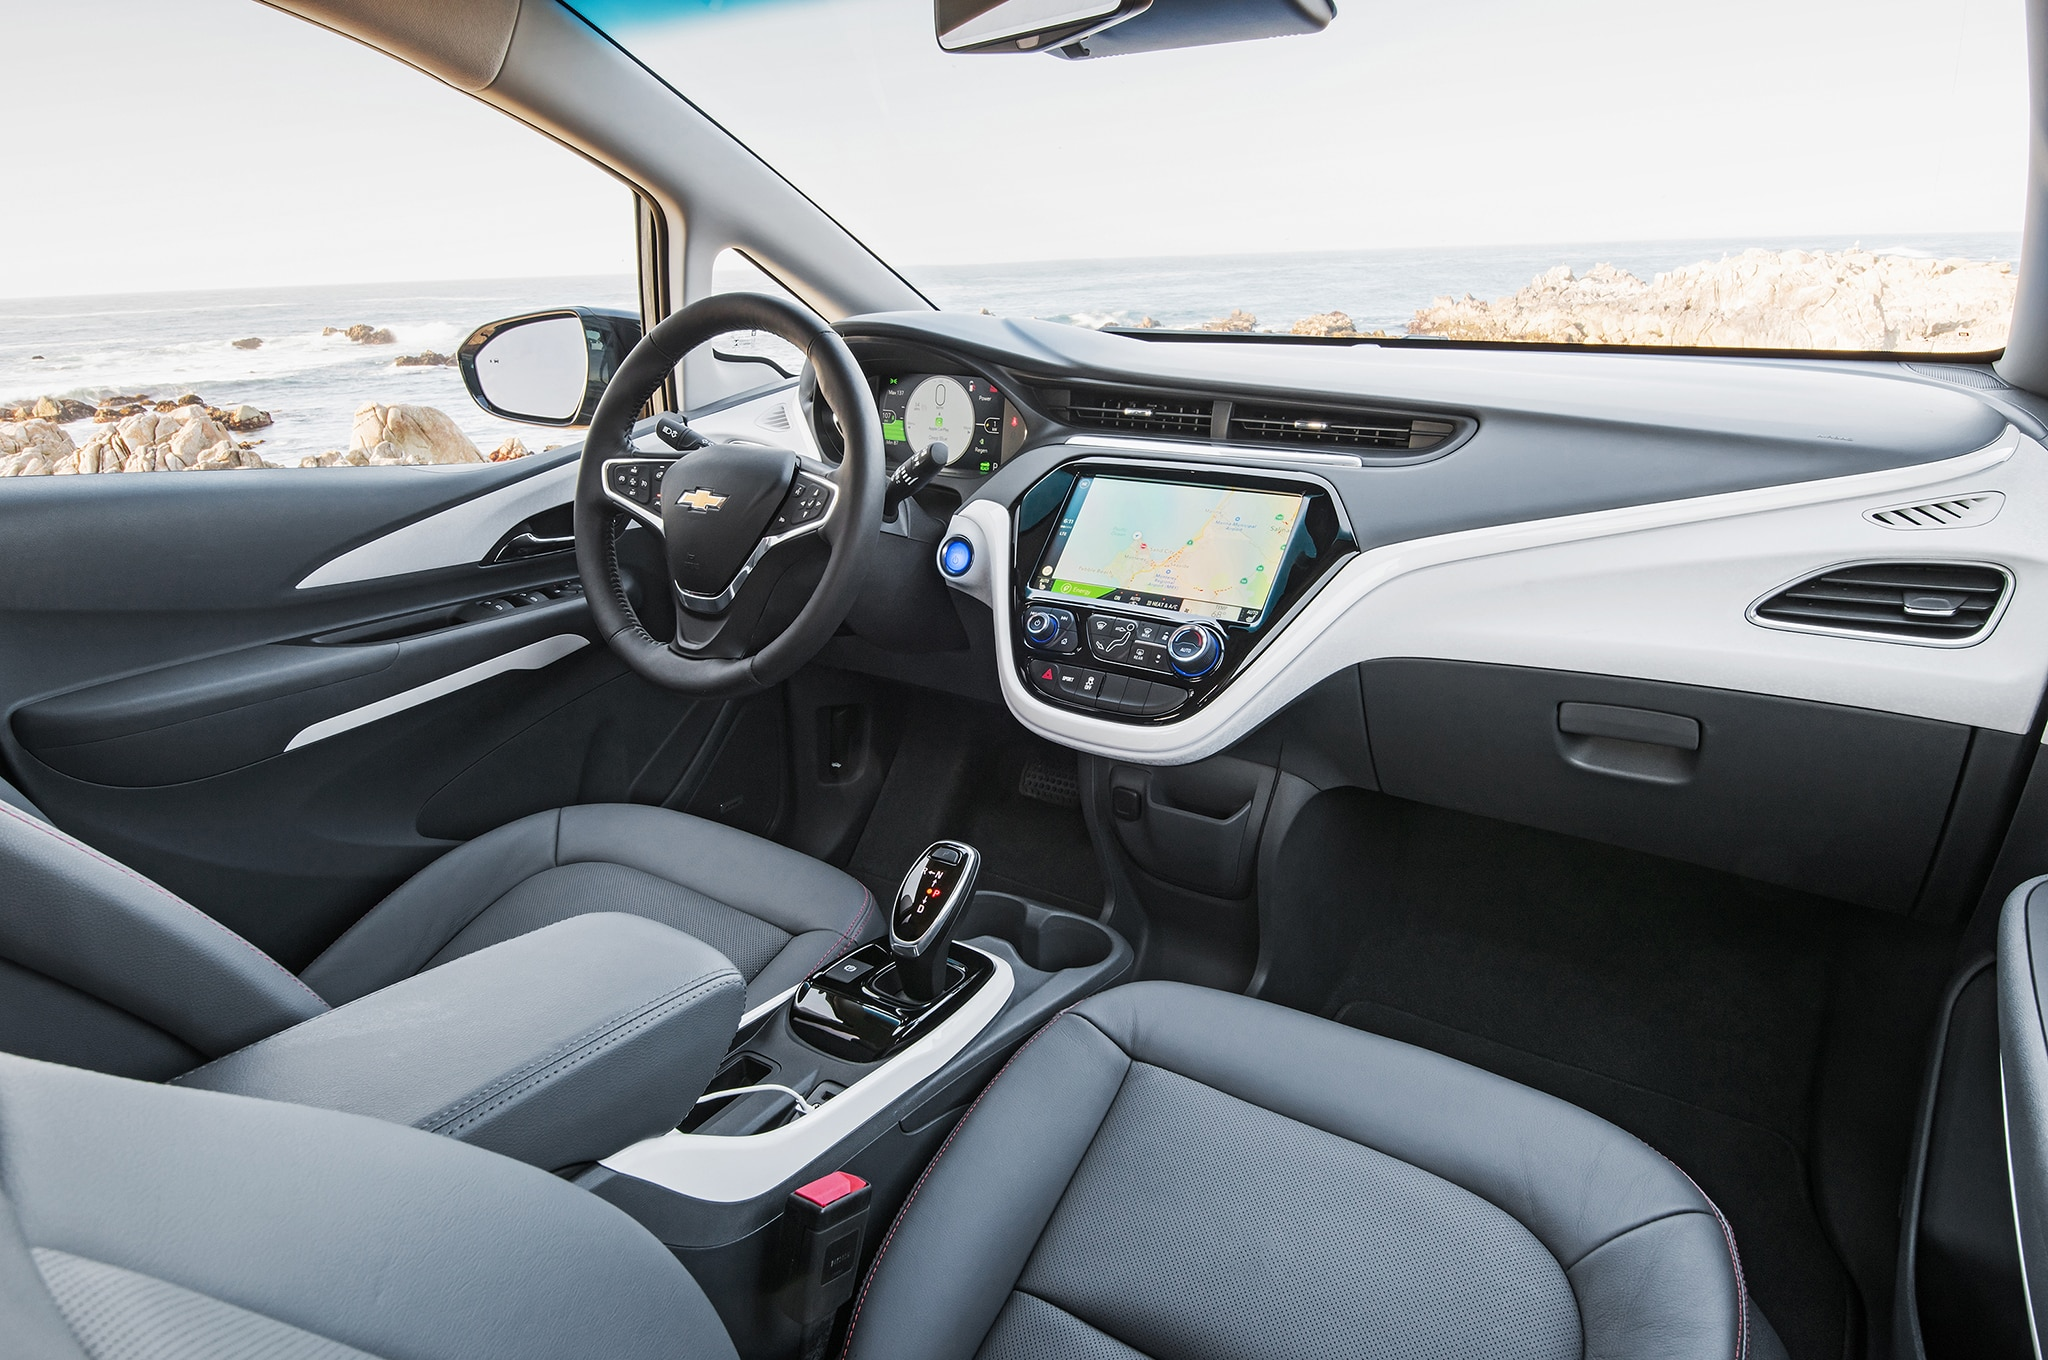 2017 Chevrolet Bolt EV Interior 2